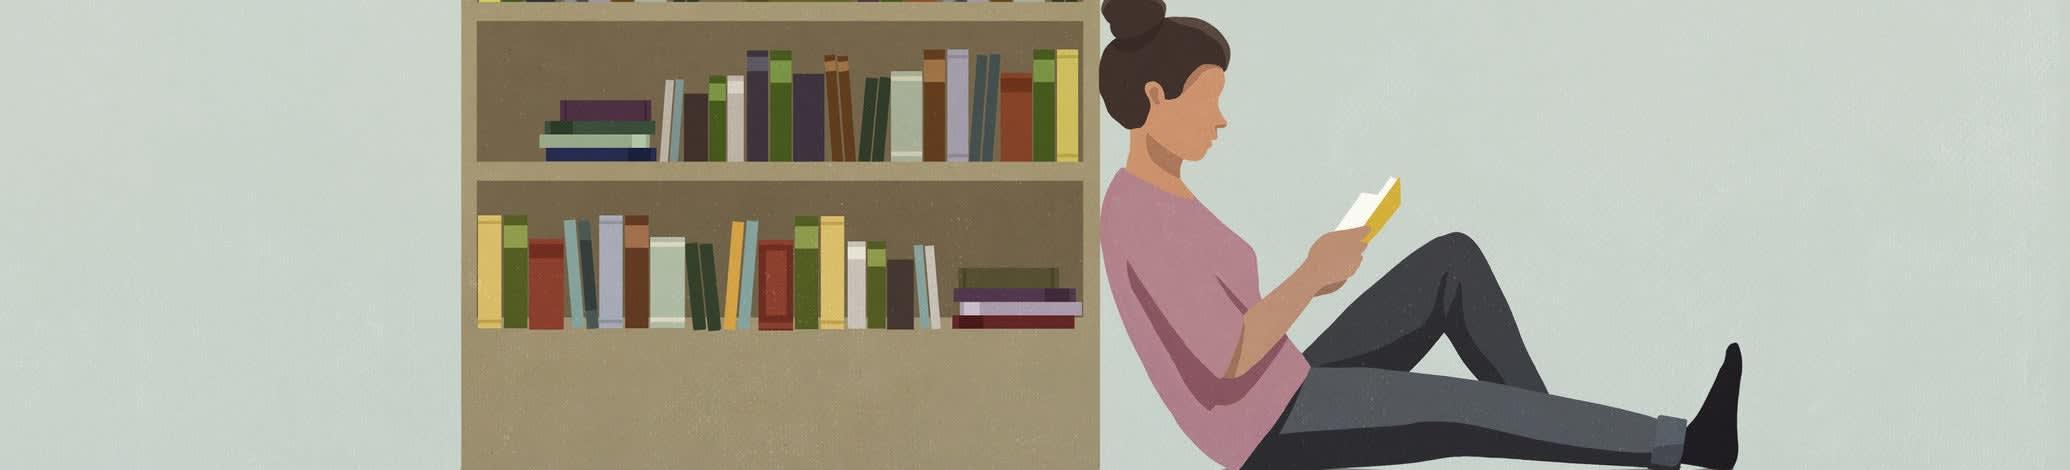 Ilustração de uma estante de livros, com uma pessoa de coque encostada ao lado da estante, lendo um livro.